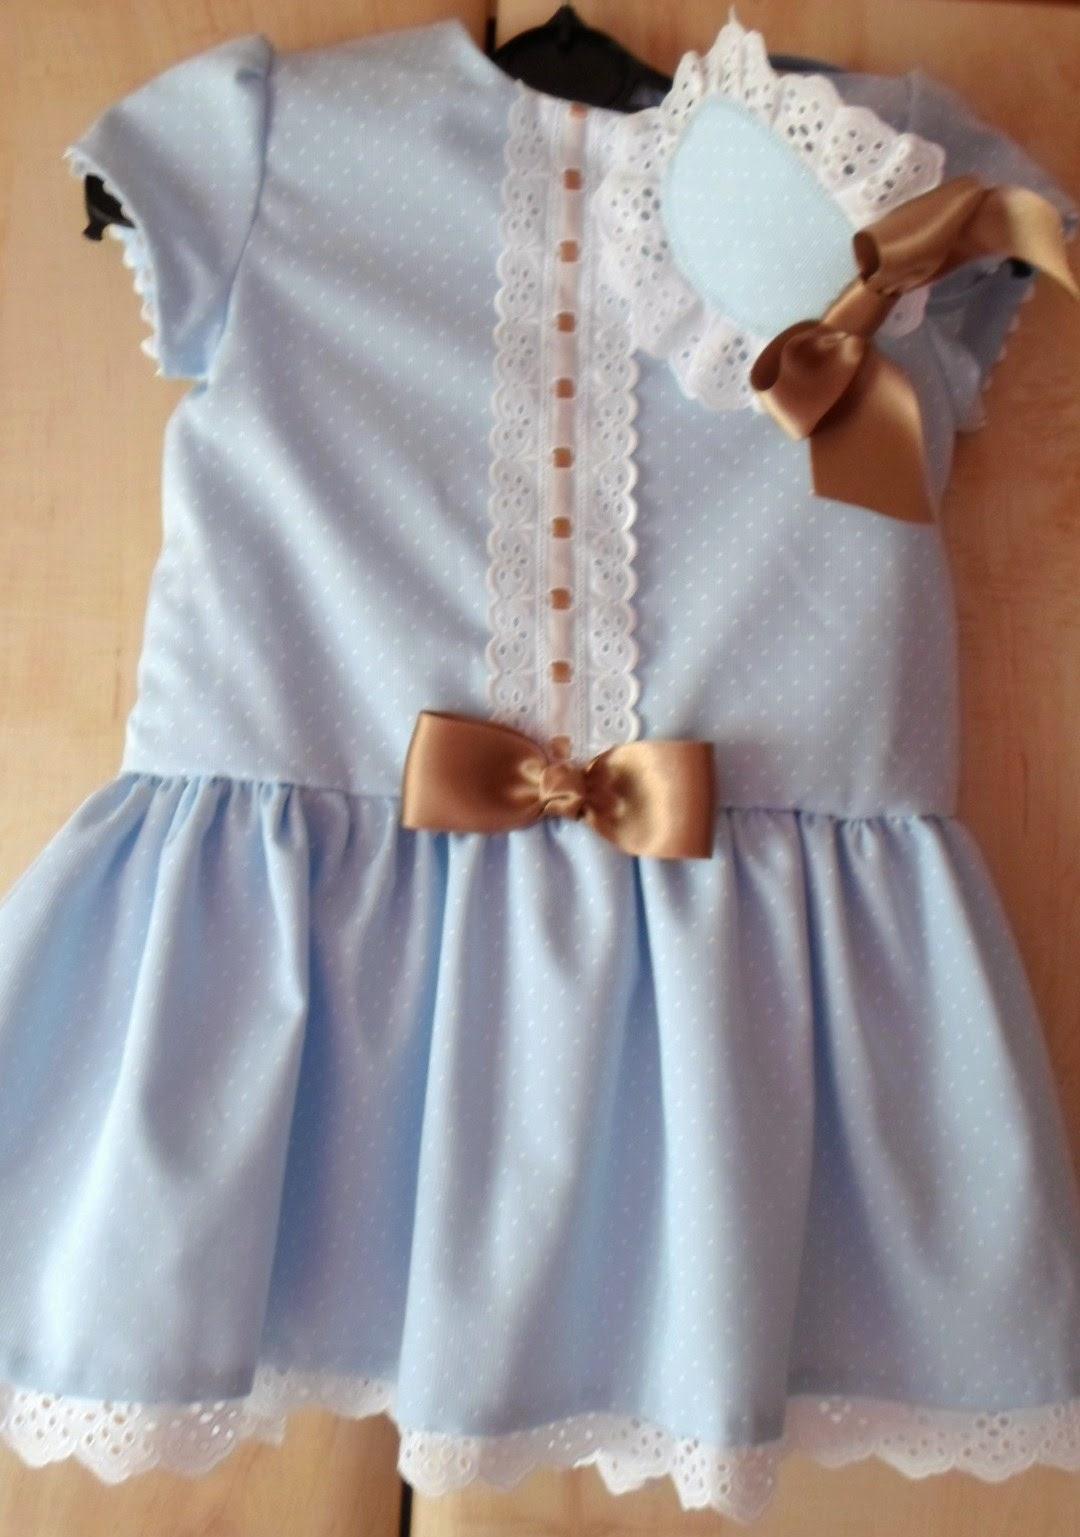 vestido de talle bajo azul con puntilla blanca en el faldon